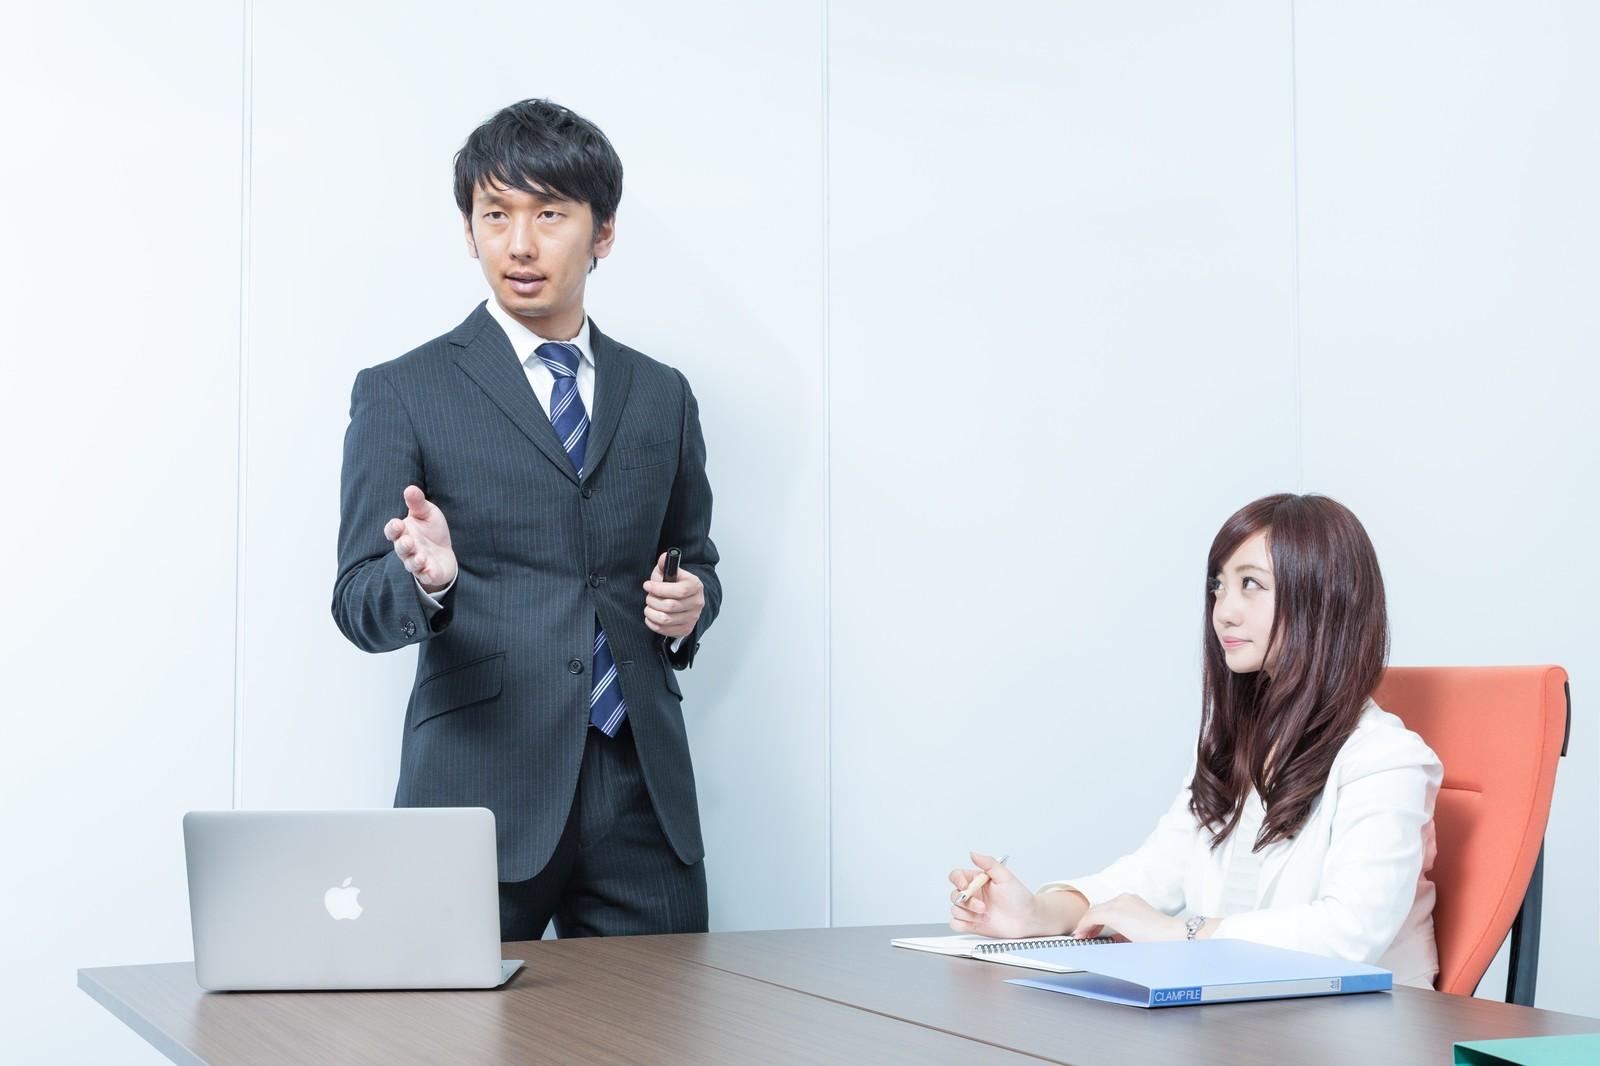 解雇規制など労働法全体の画像